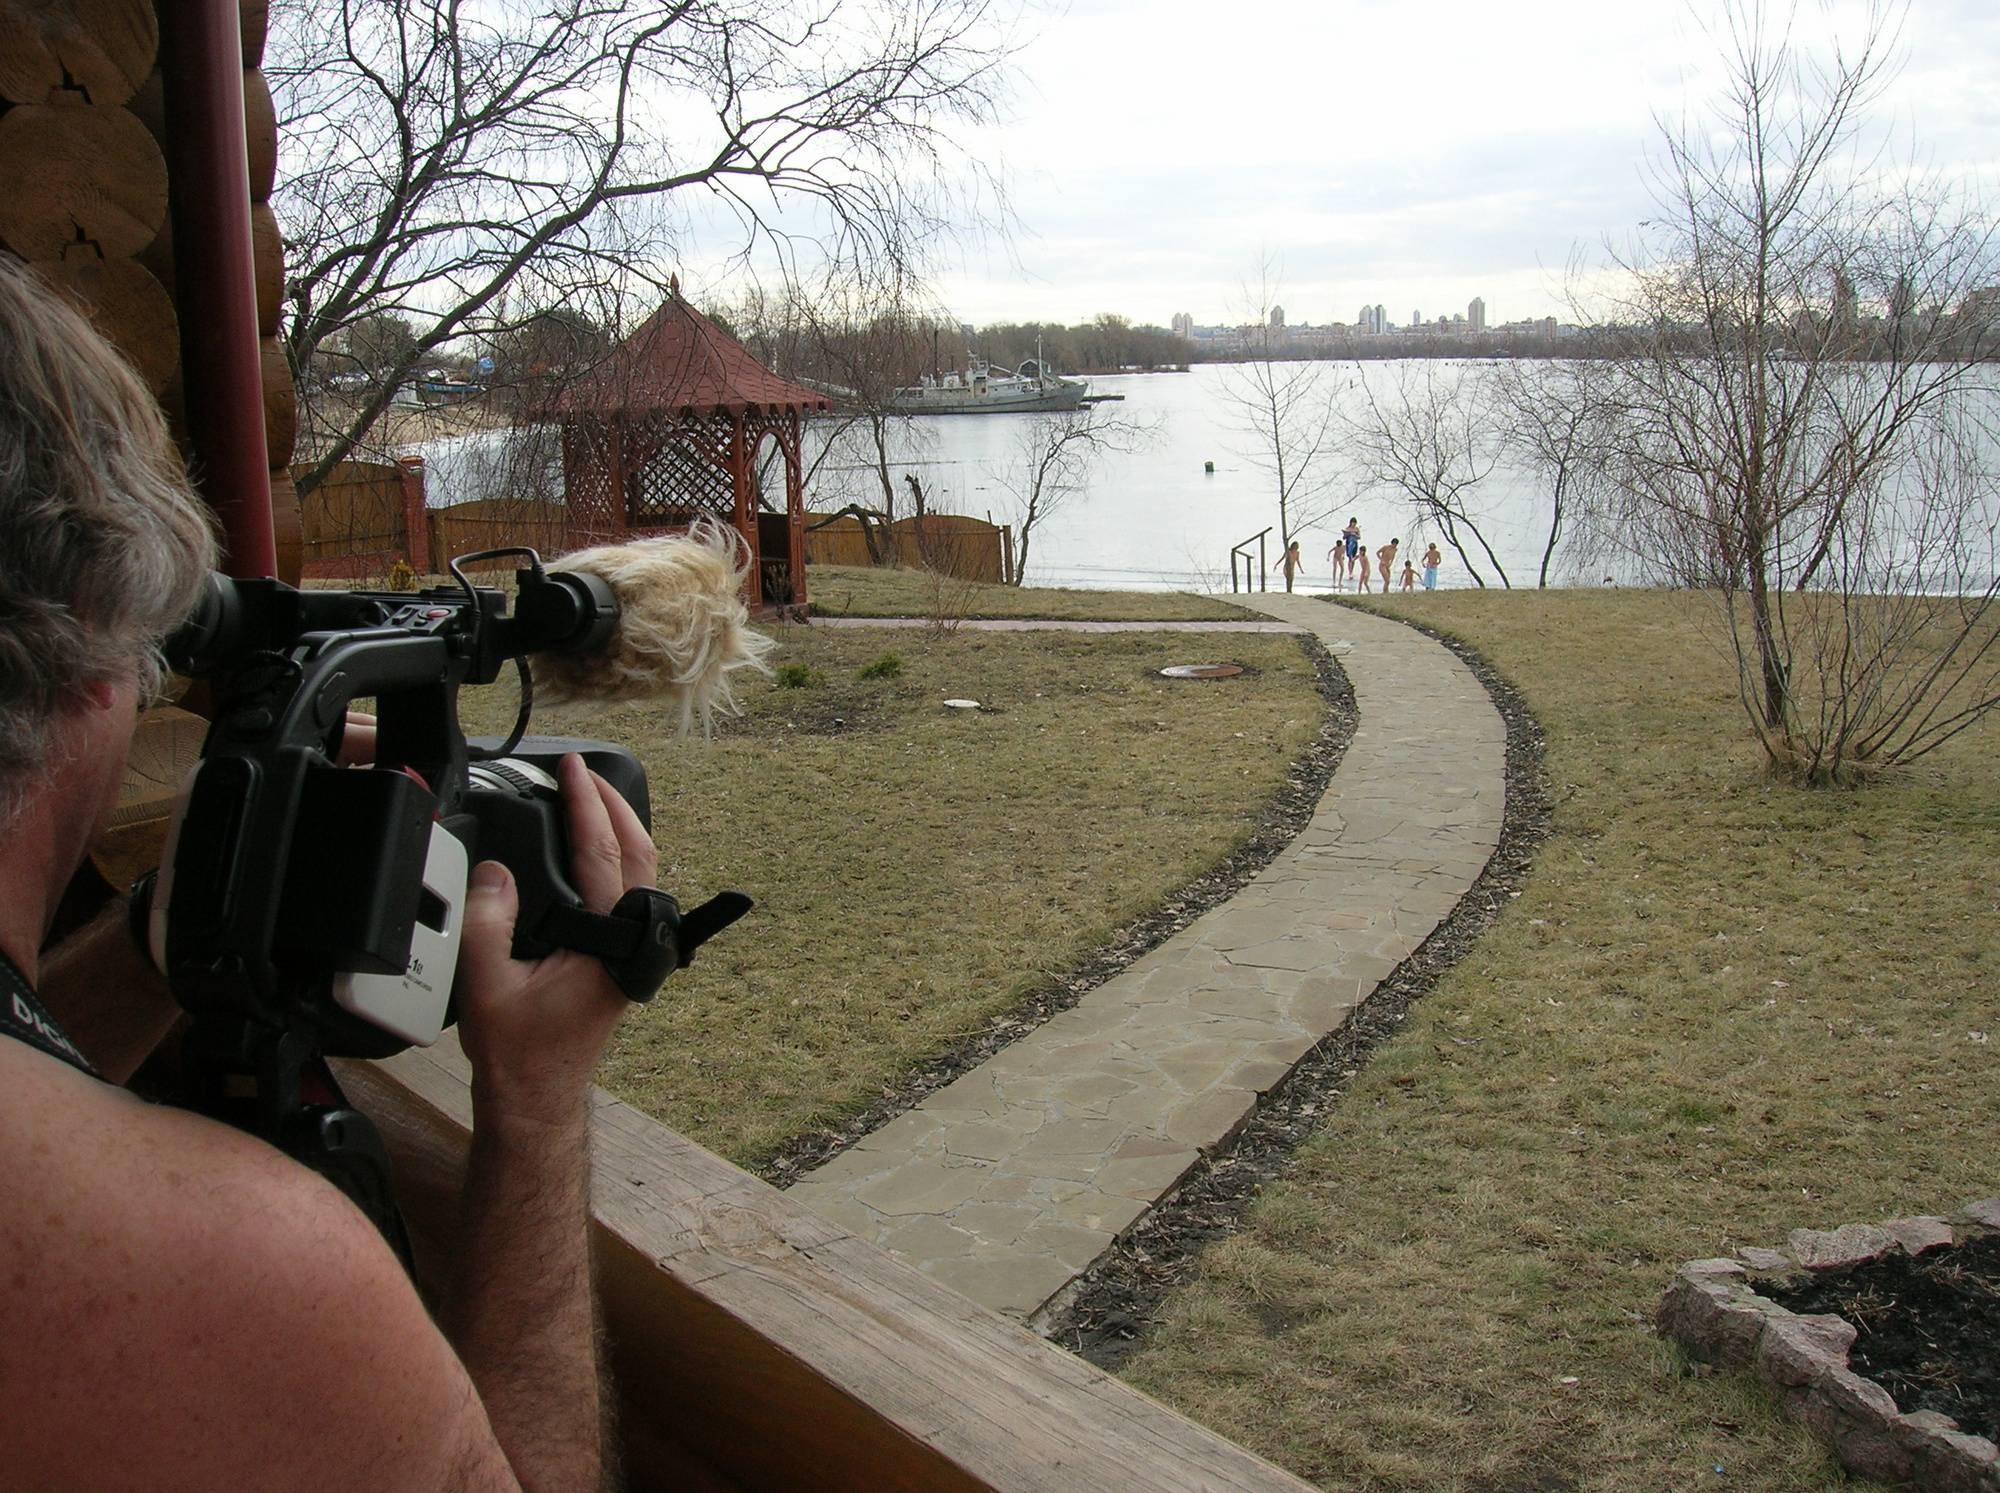 Nudist Photos Valentine Nude Ice Jumper - 1